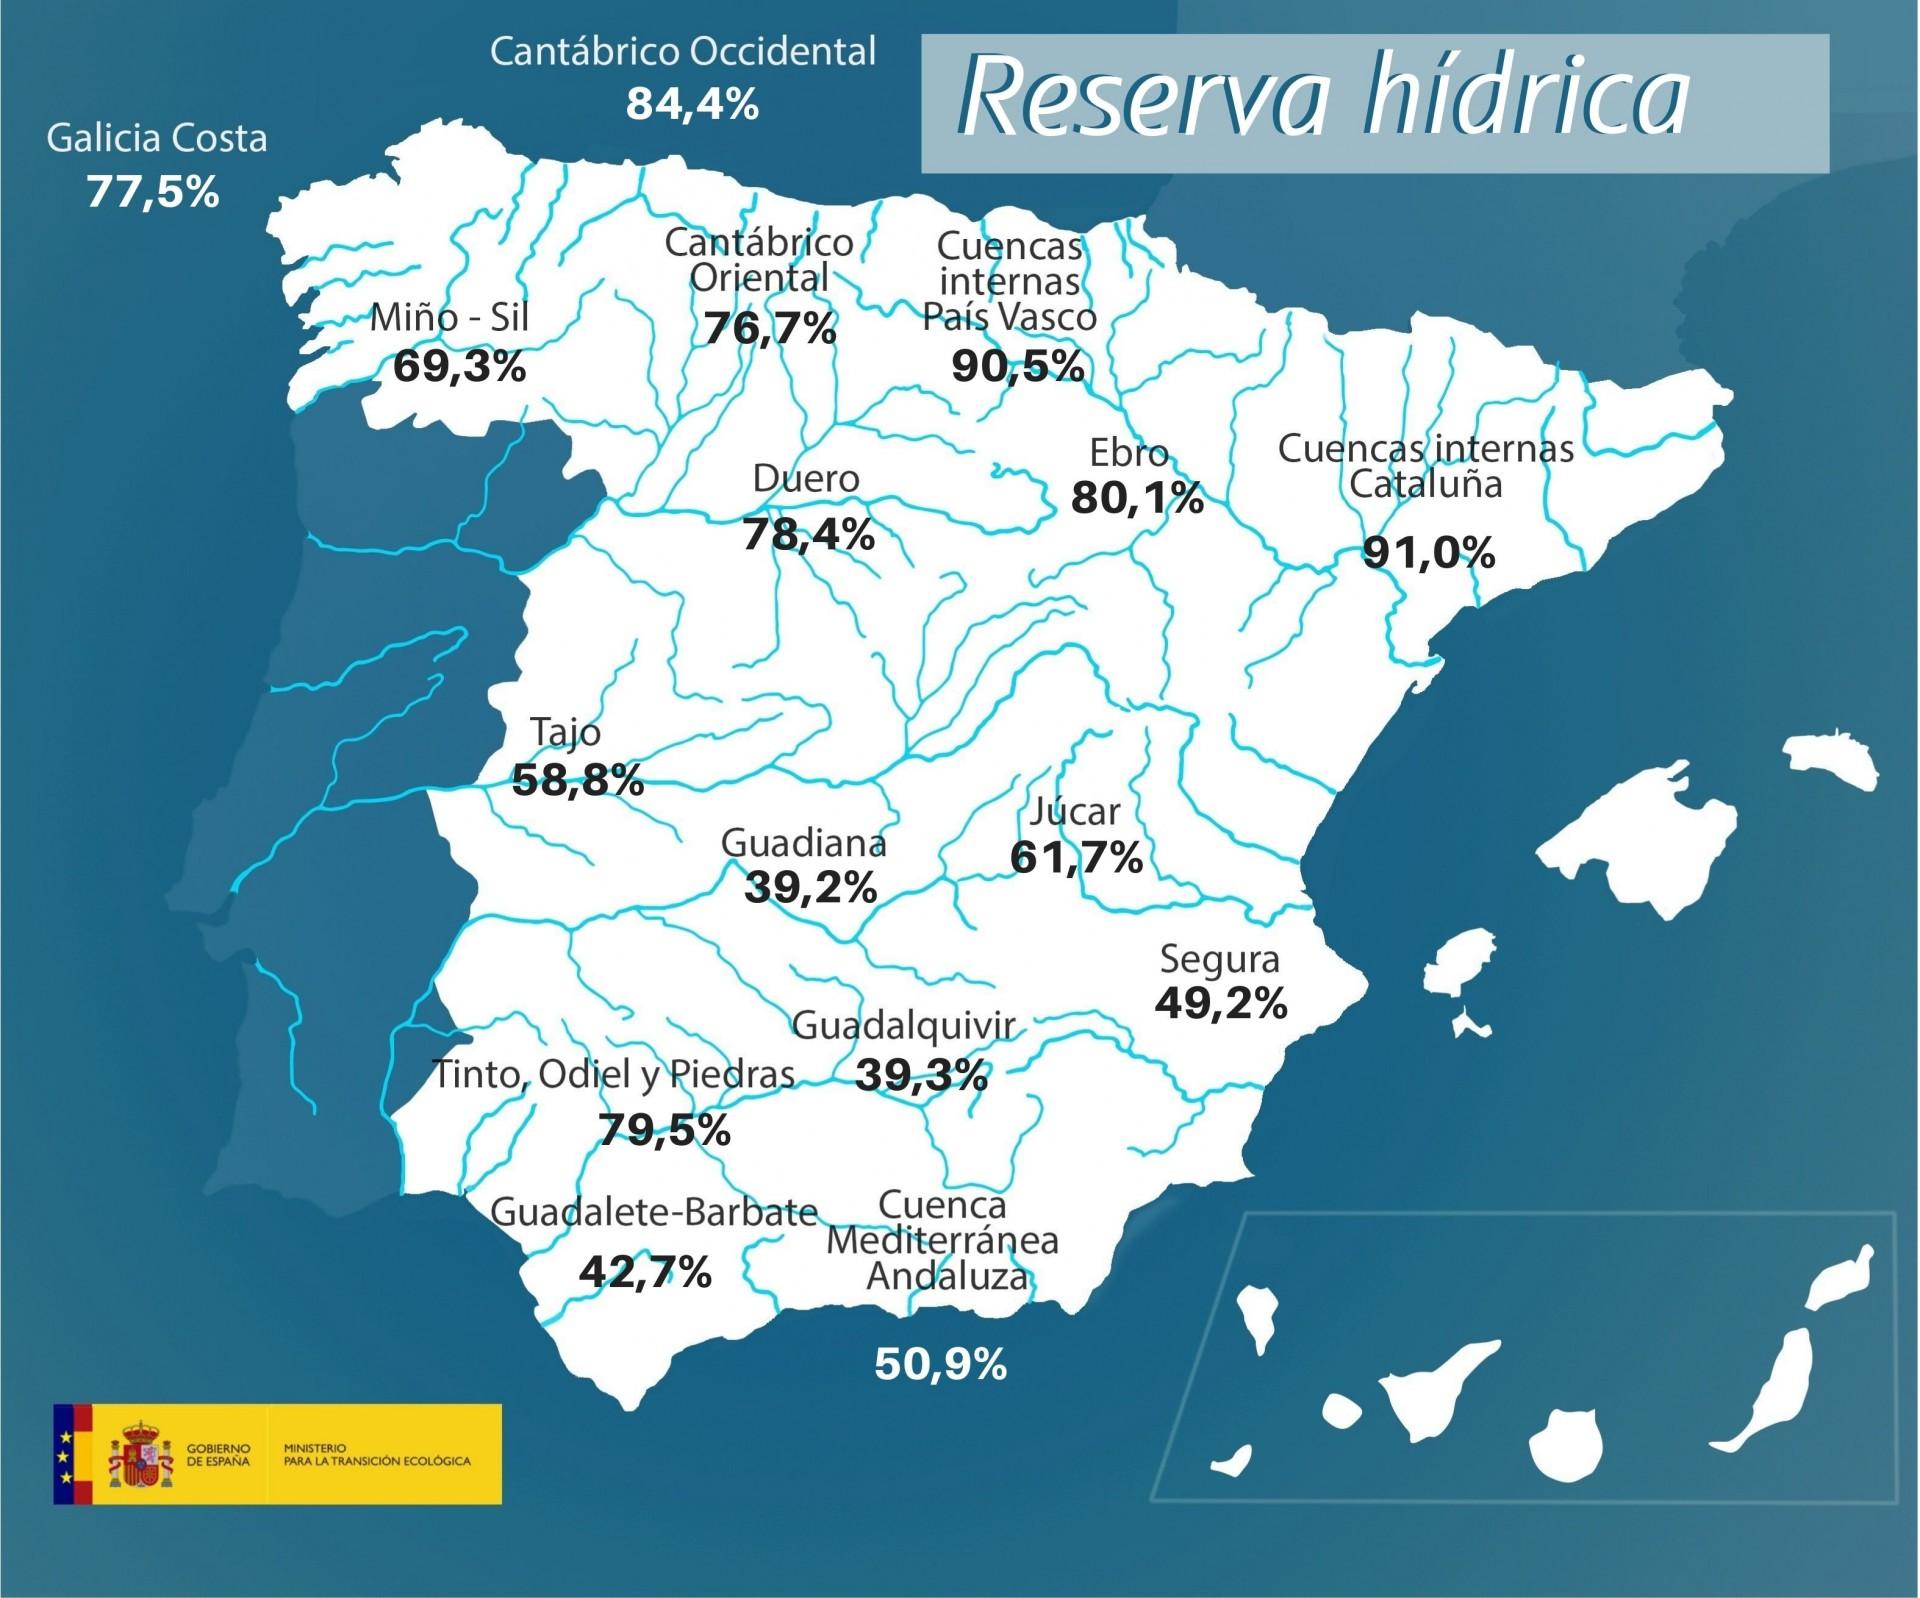 La reserva hídrica española se encuentra al 59,2 por ciento de su capacidad - 0